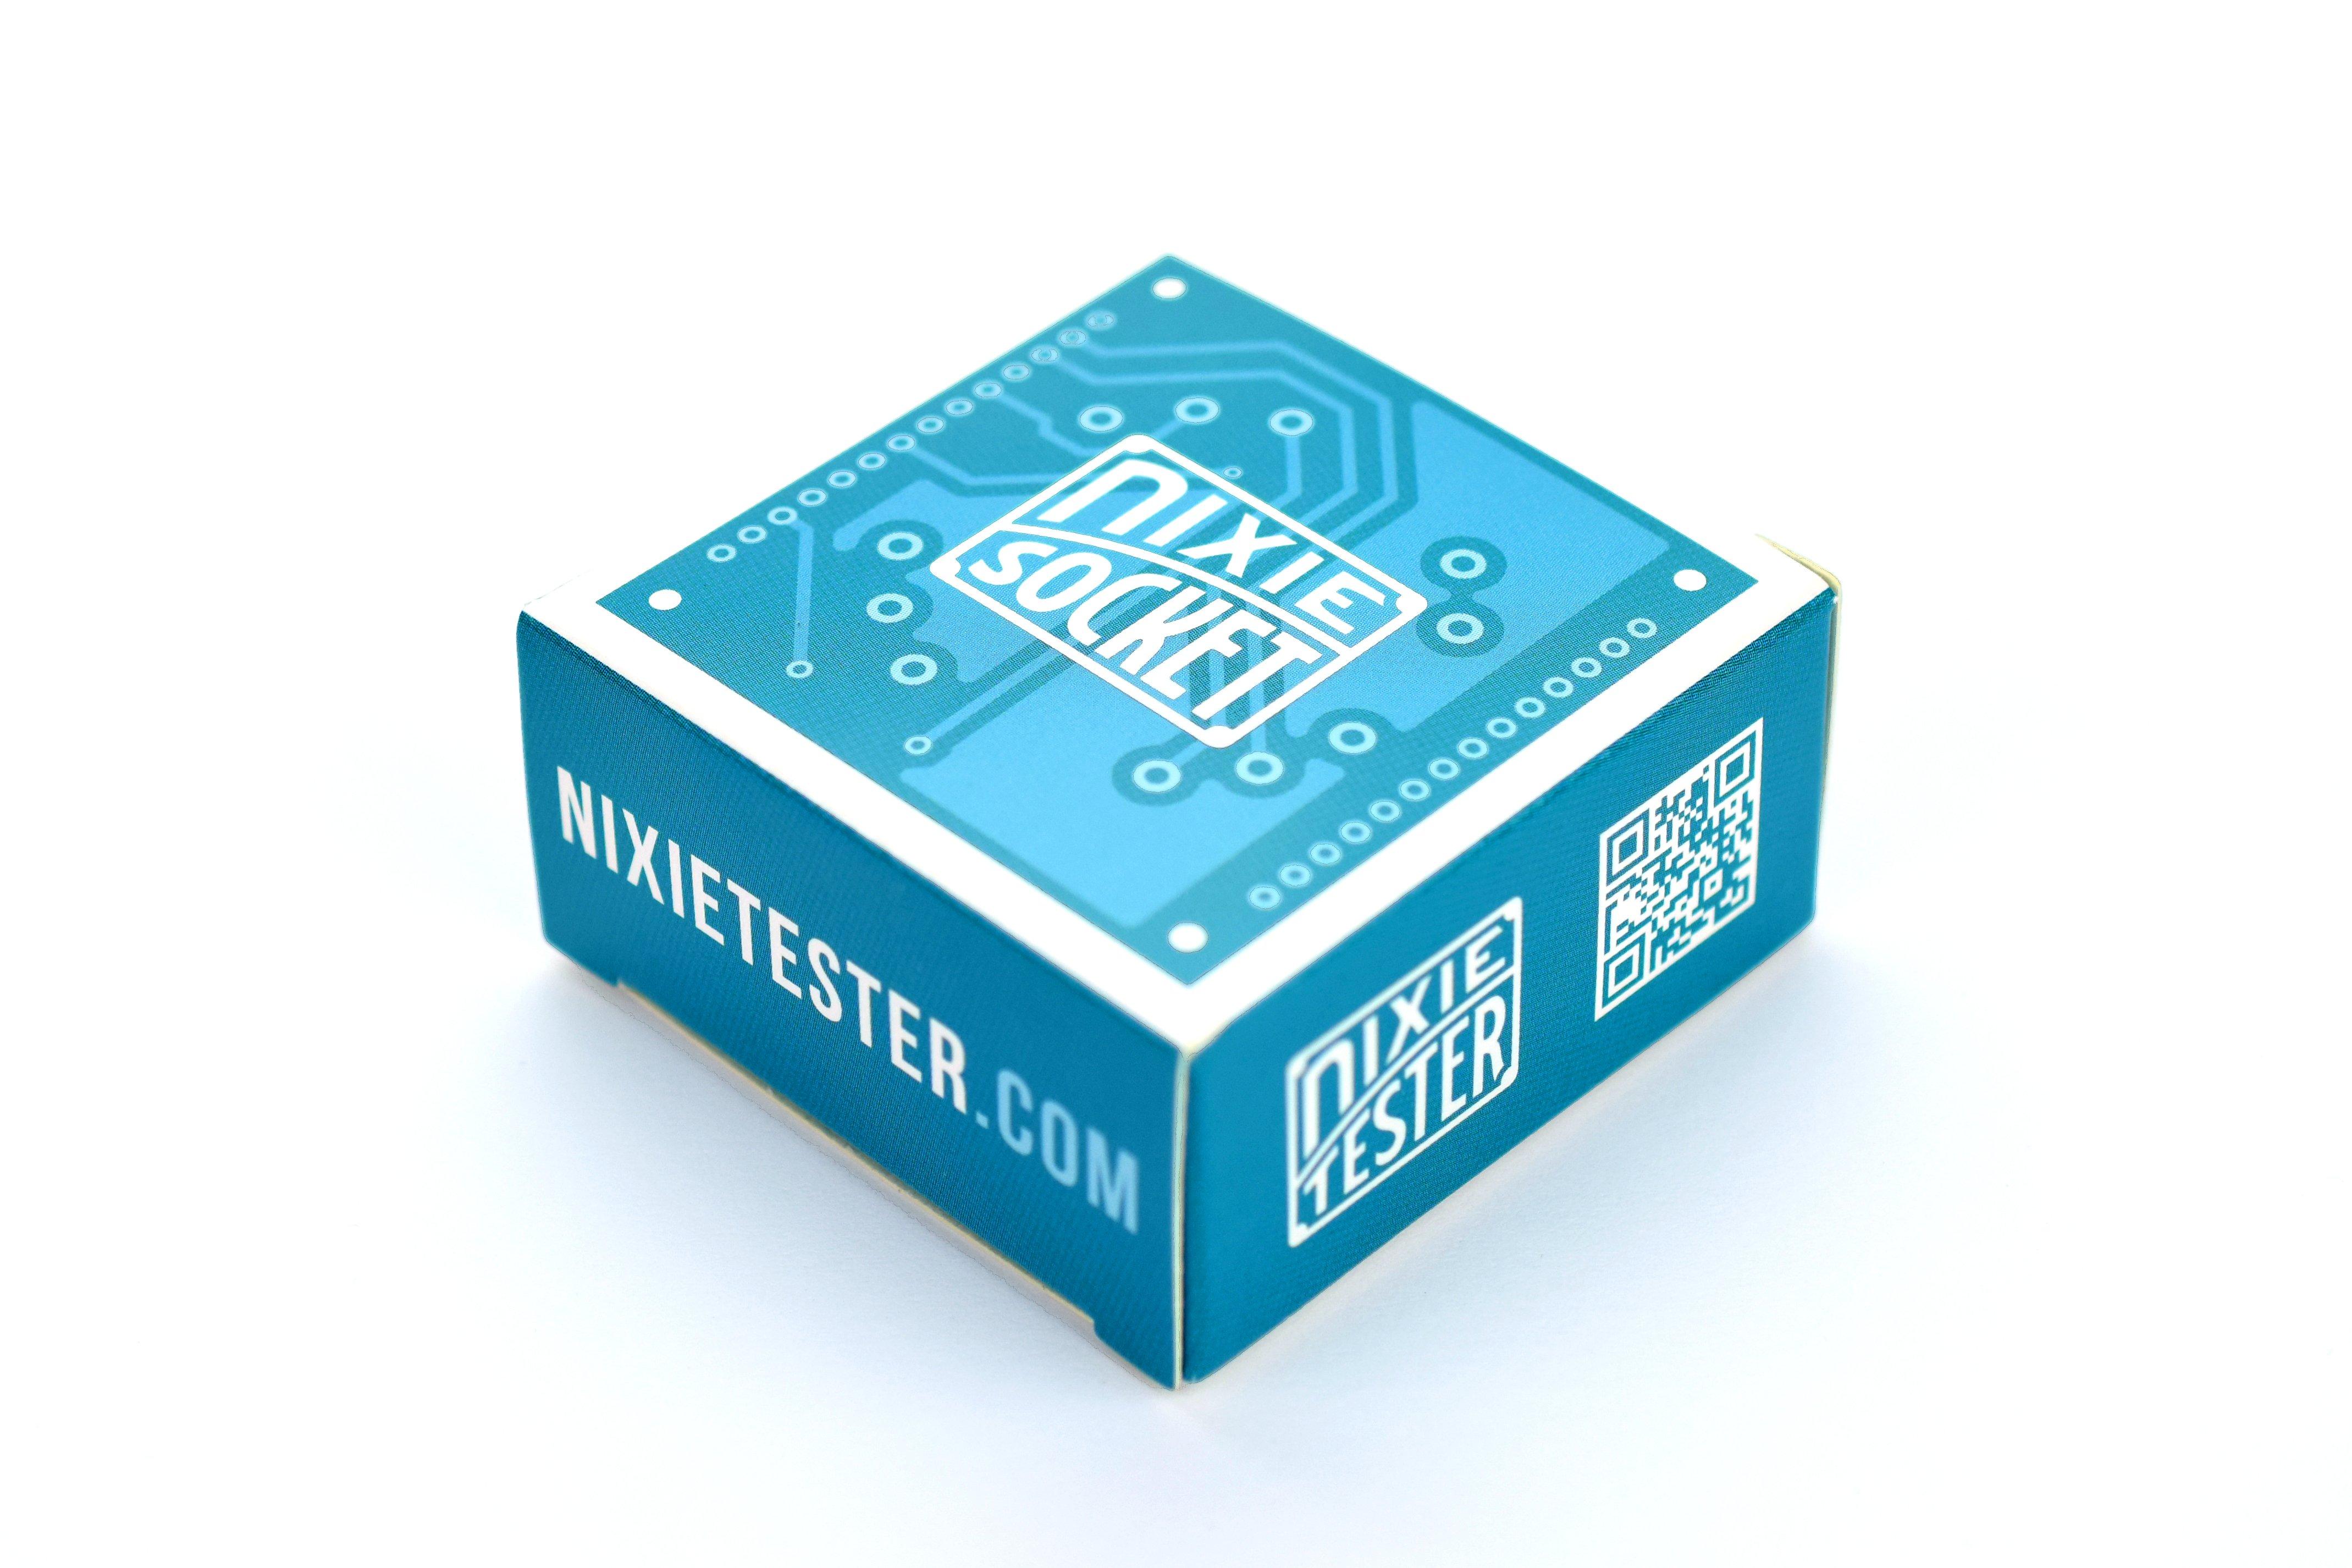 NIXIE SOCKET BOX 1.jpg